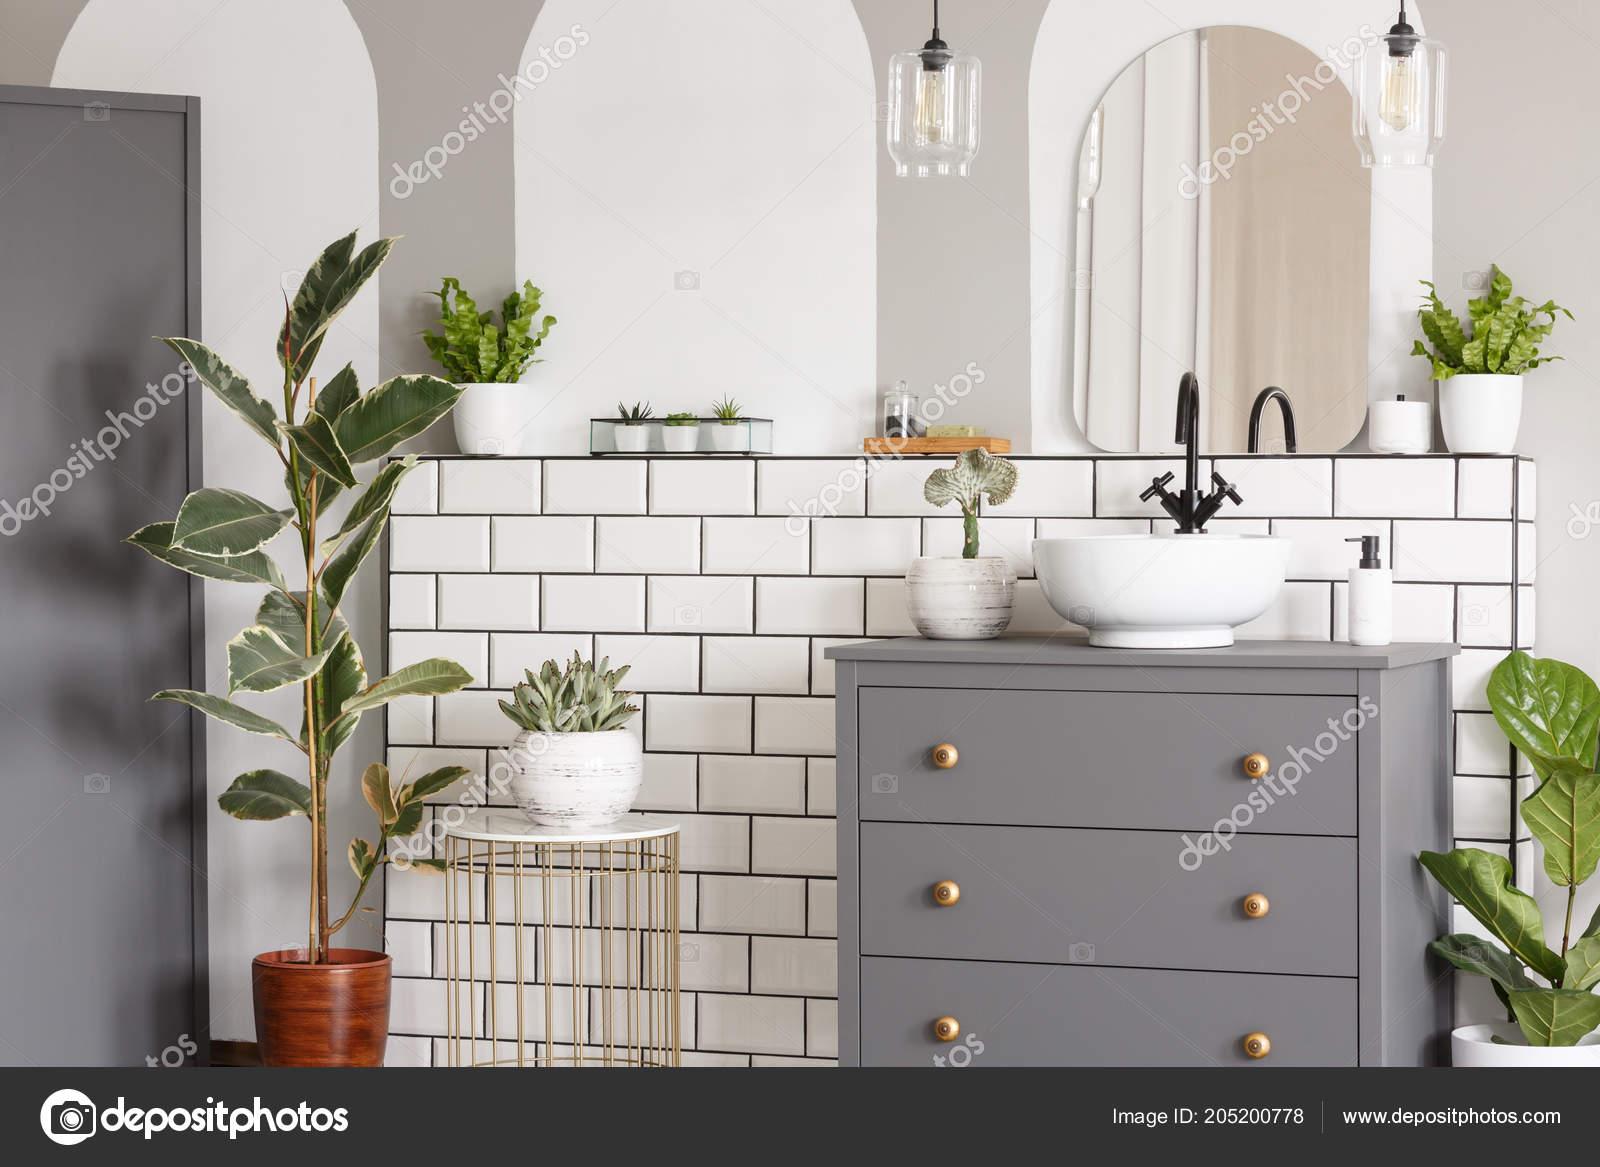 Miroir Dessus Gris Meuble Avec Lavabo Interieur Salle Bains